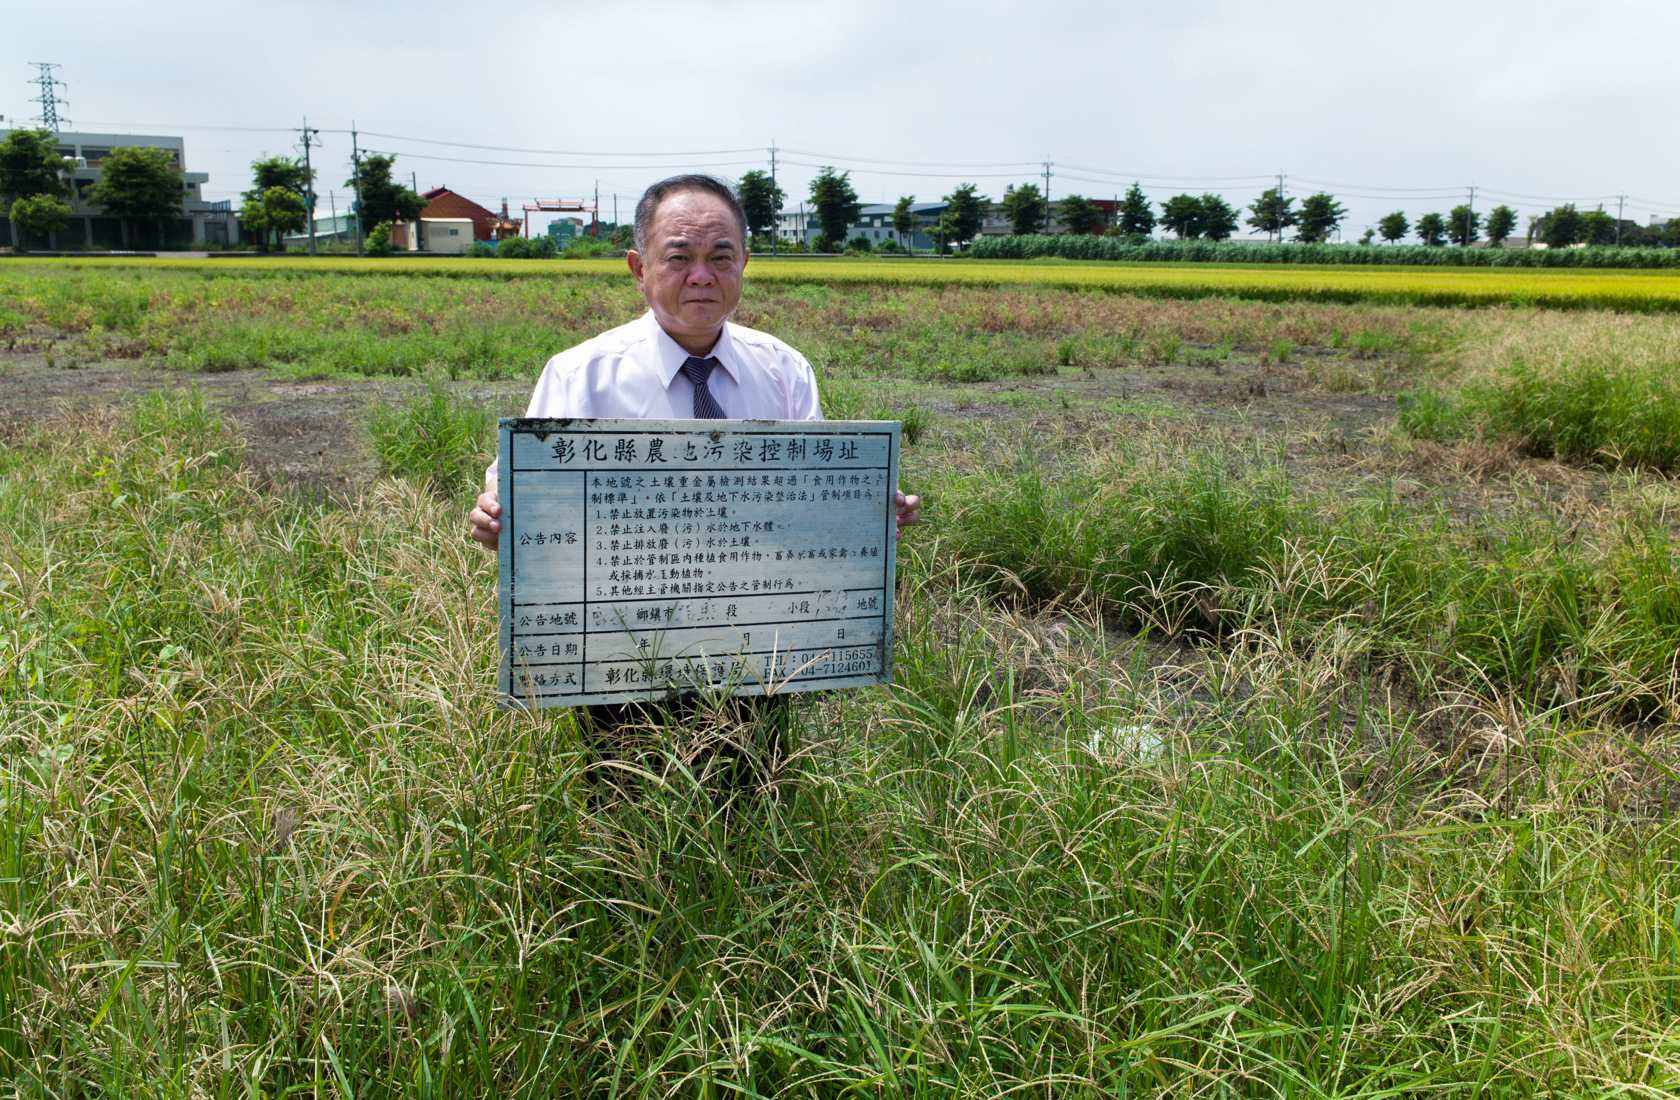 電鍍污水染指農地摧毀作物、土地和農民 攝影者張良一